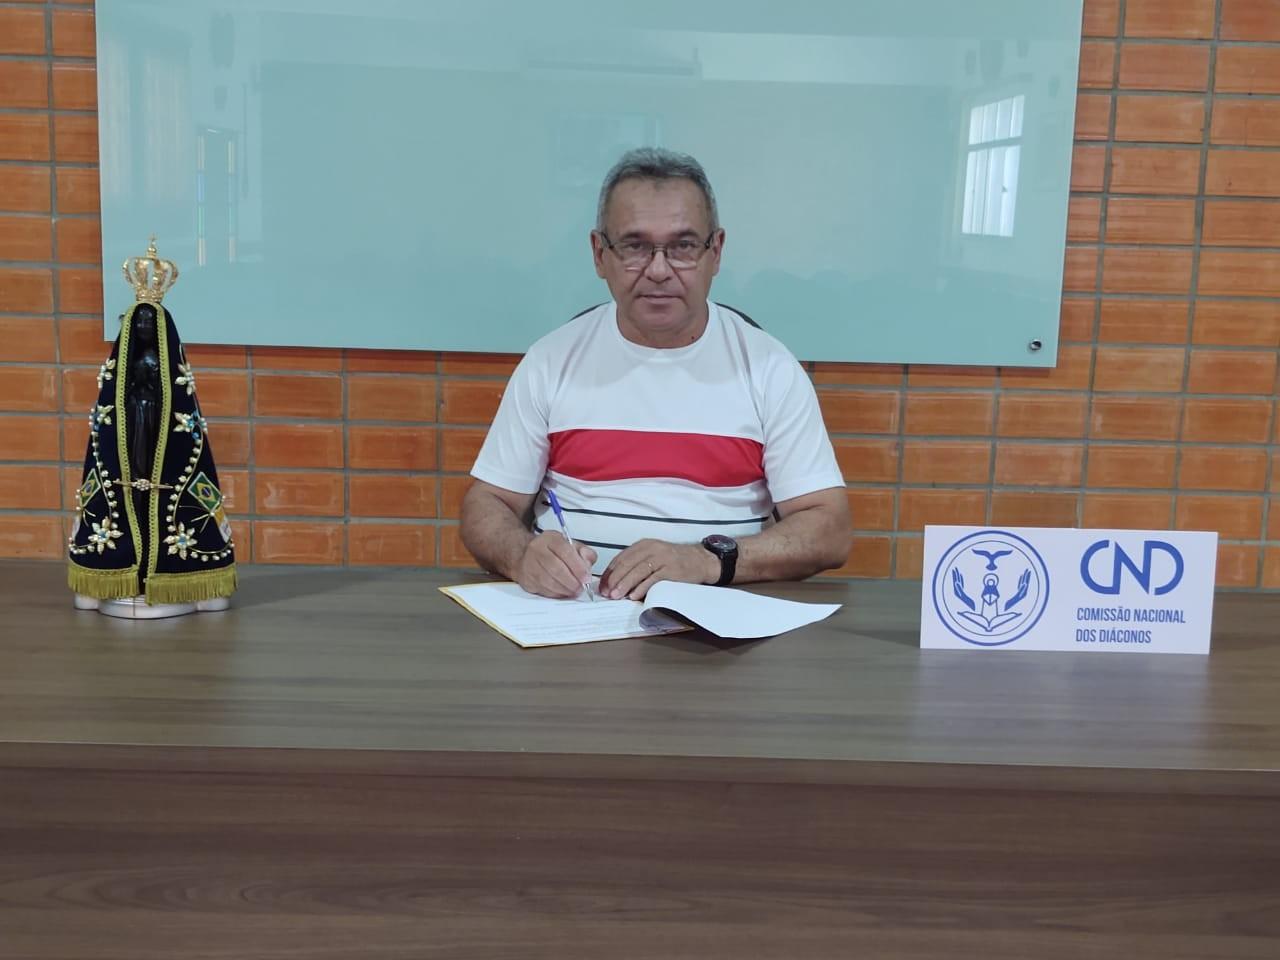 Presidente diácono Chiquinho participou da Reunião virtual do Conselho Permanente da CNBB